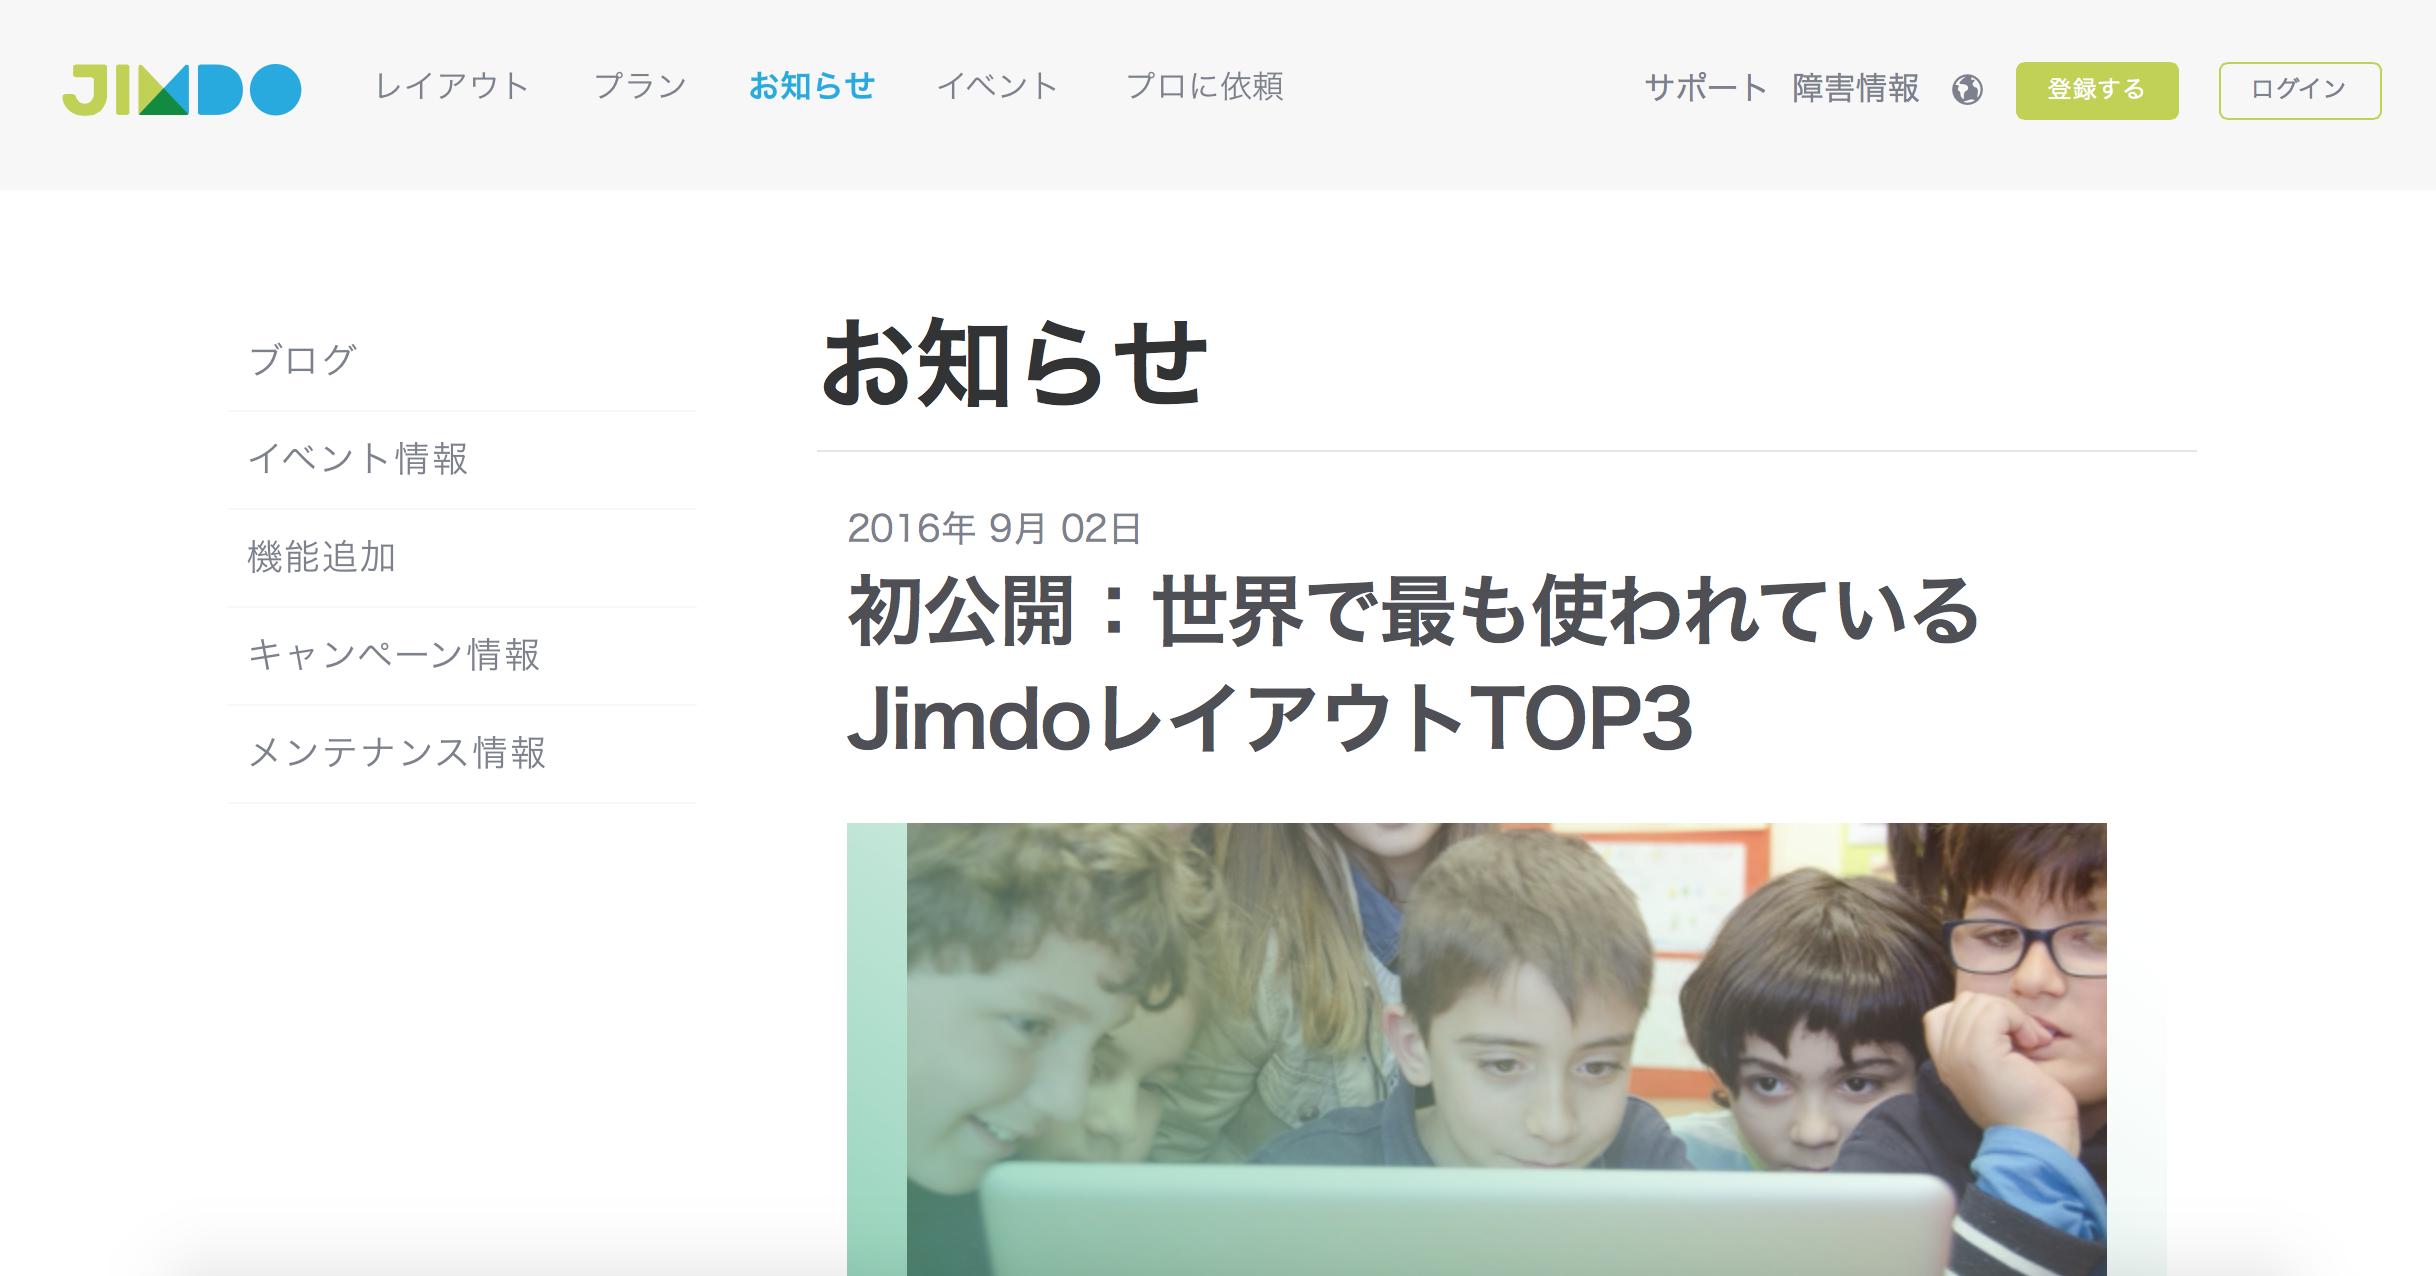 Jimdoのお知らせページのトップ画像